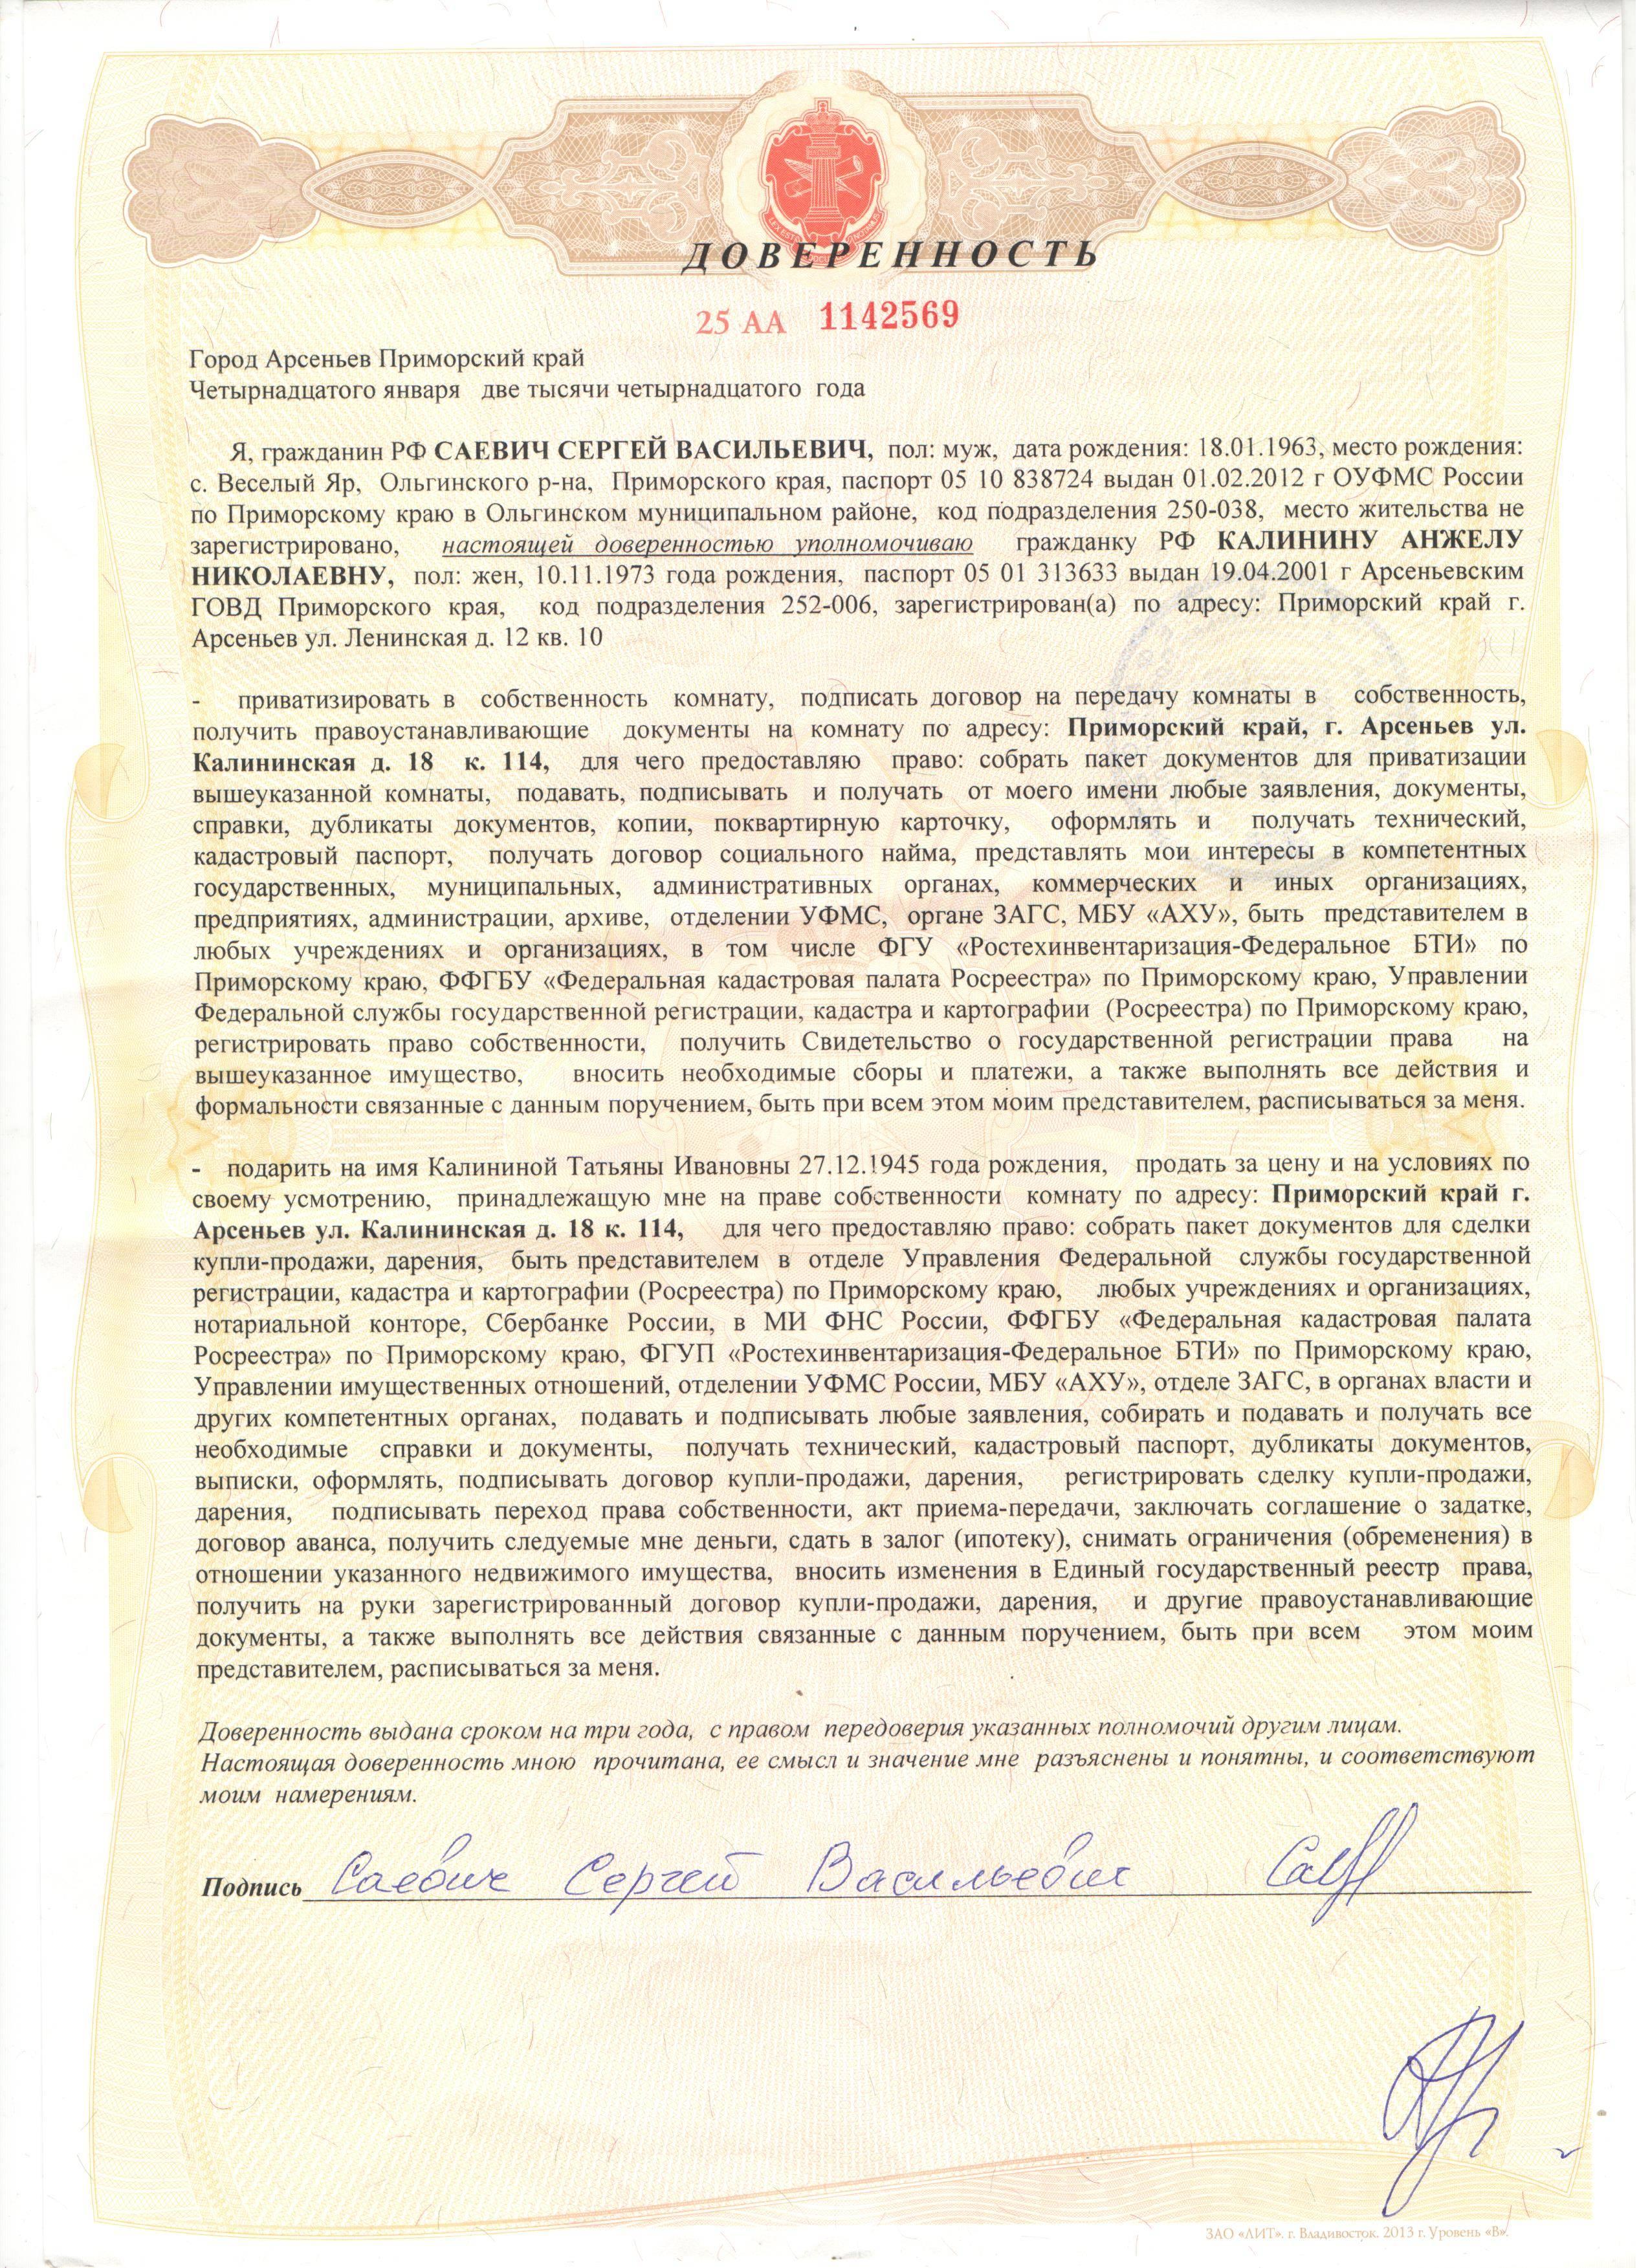 Согласие супруга на продажу земельного участка: всегда ли нужно, требуется или нет нотариальное заверение разрешения, а также образец документа